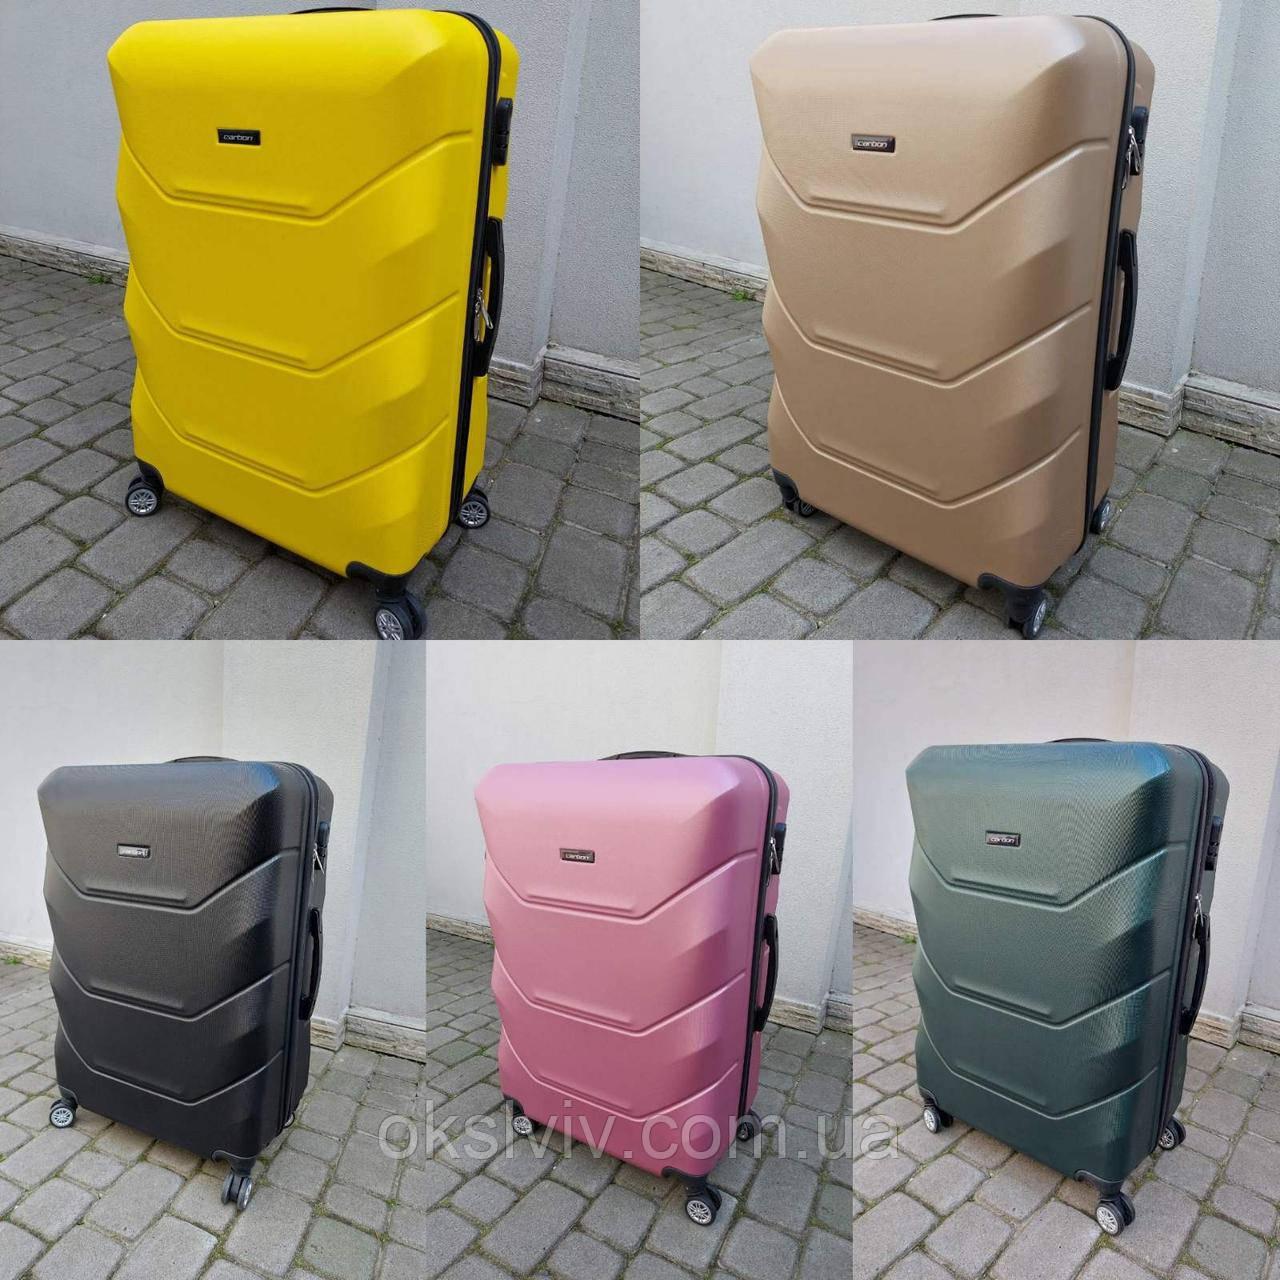 CARBON X Німеччина валізи чемодани, сумки на колесах